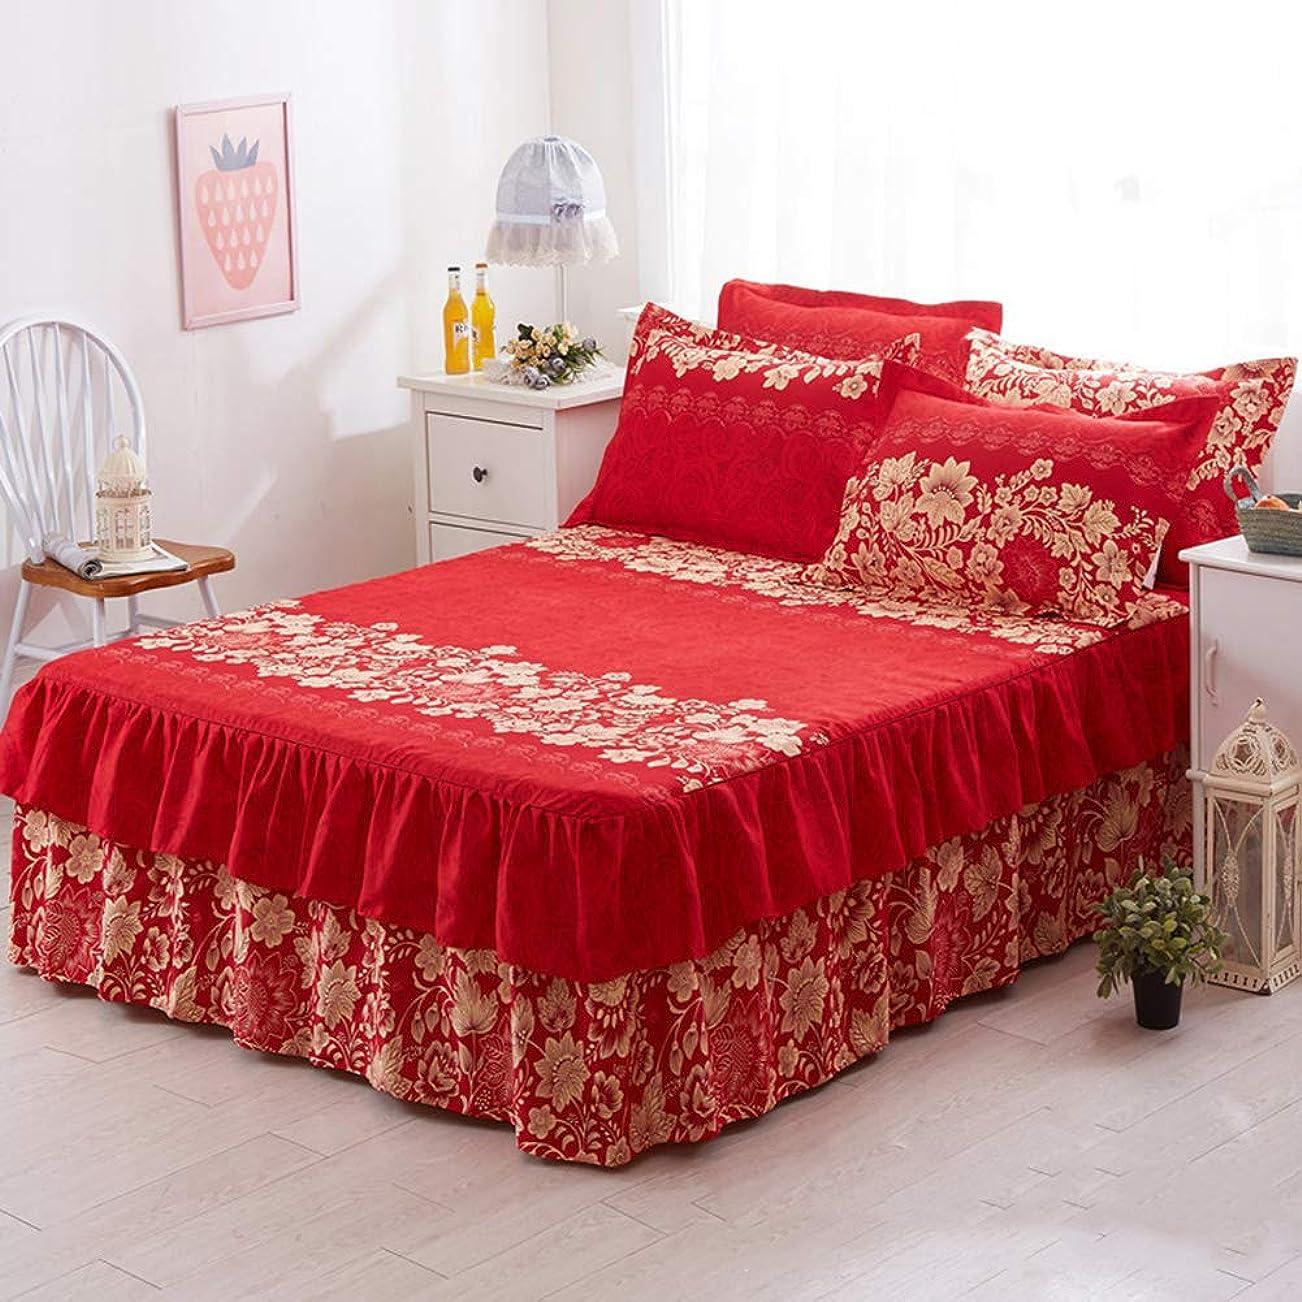 馬力大きさグリルTENCMGロマンチックな二層ベッドスカート - エレガントなシフォンベッドカバーサテンコットンベッドシーツ - ゴムバンド付き結婚式の装飾ベッドカバー,D,QUEEN(150x200+40cm)